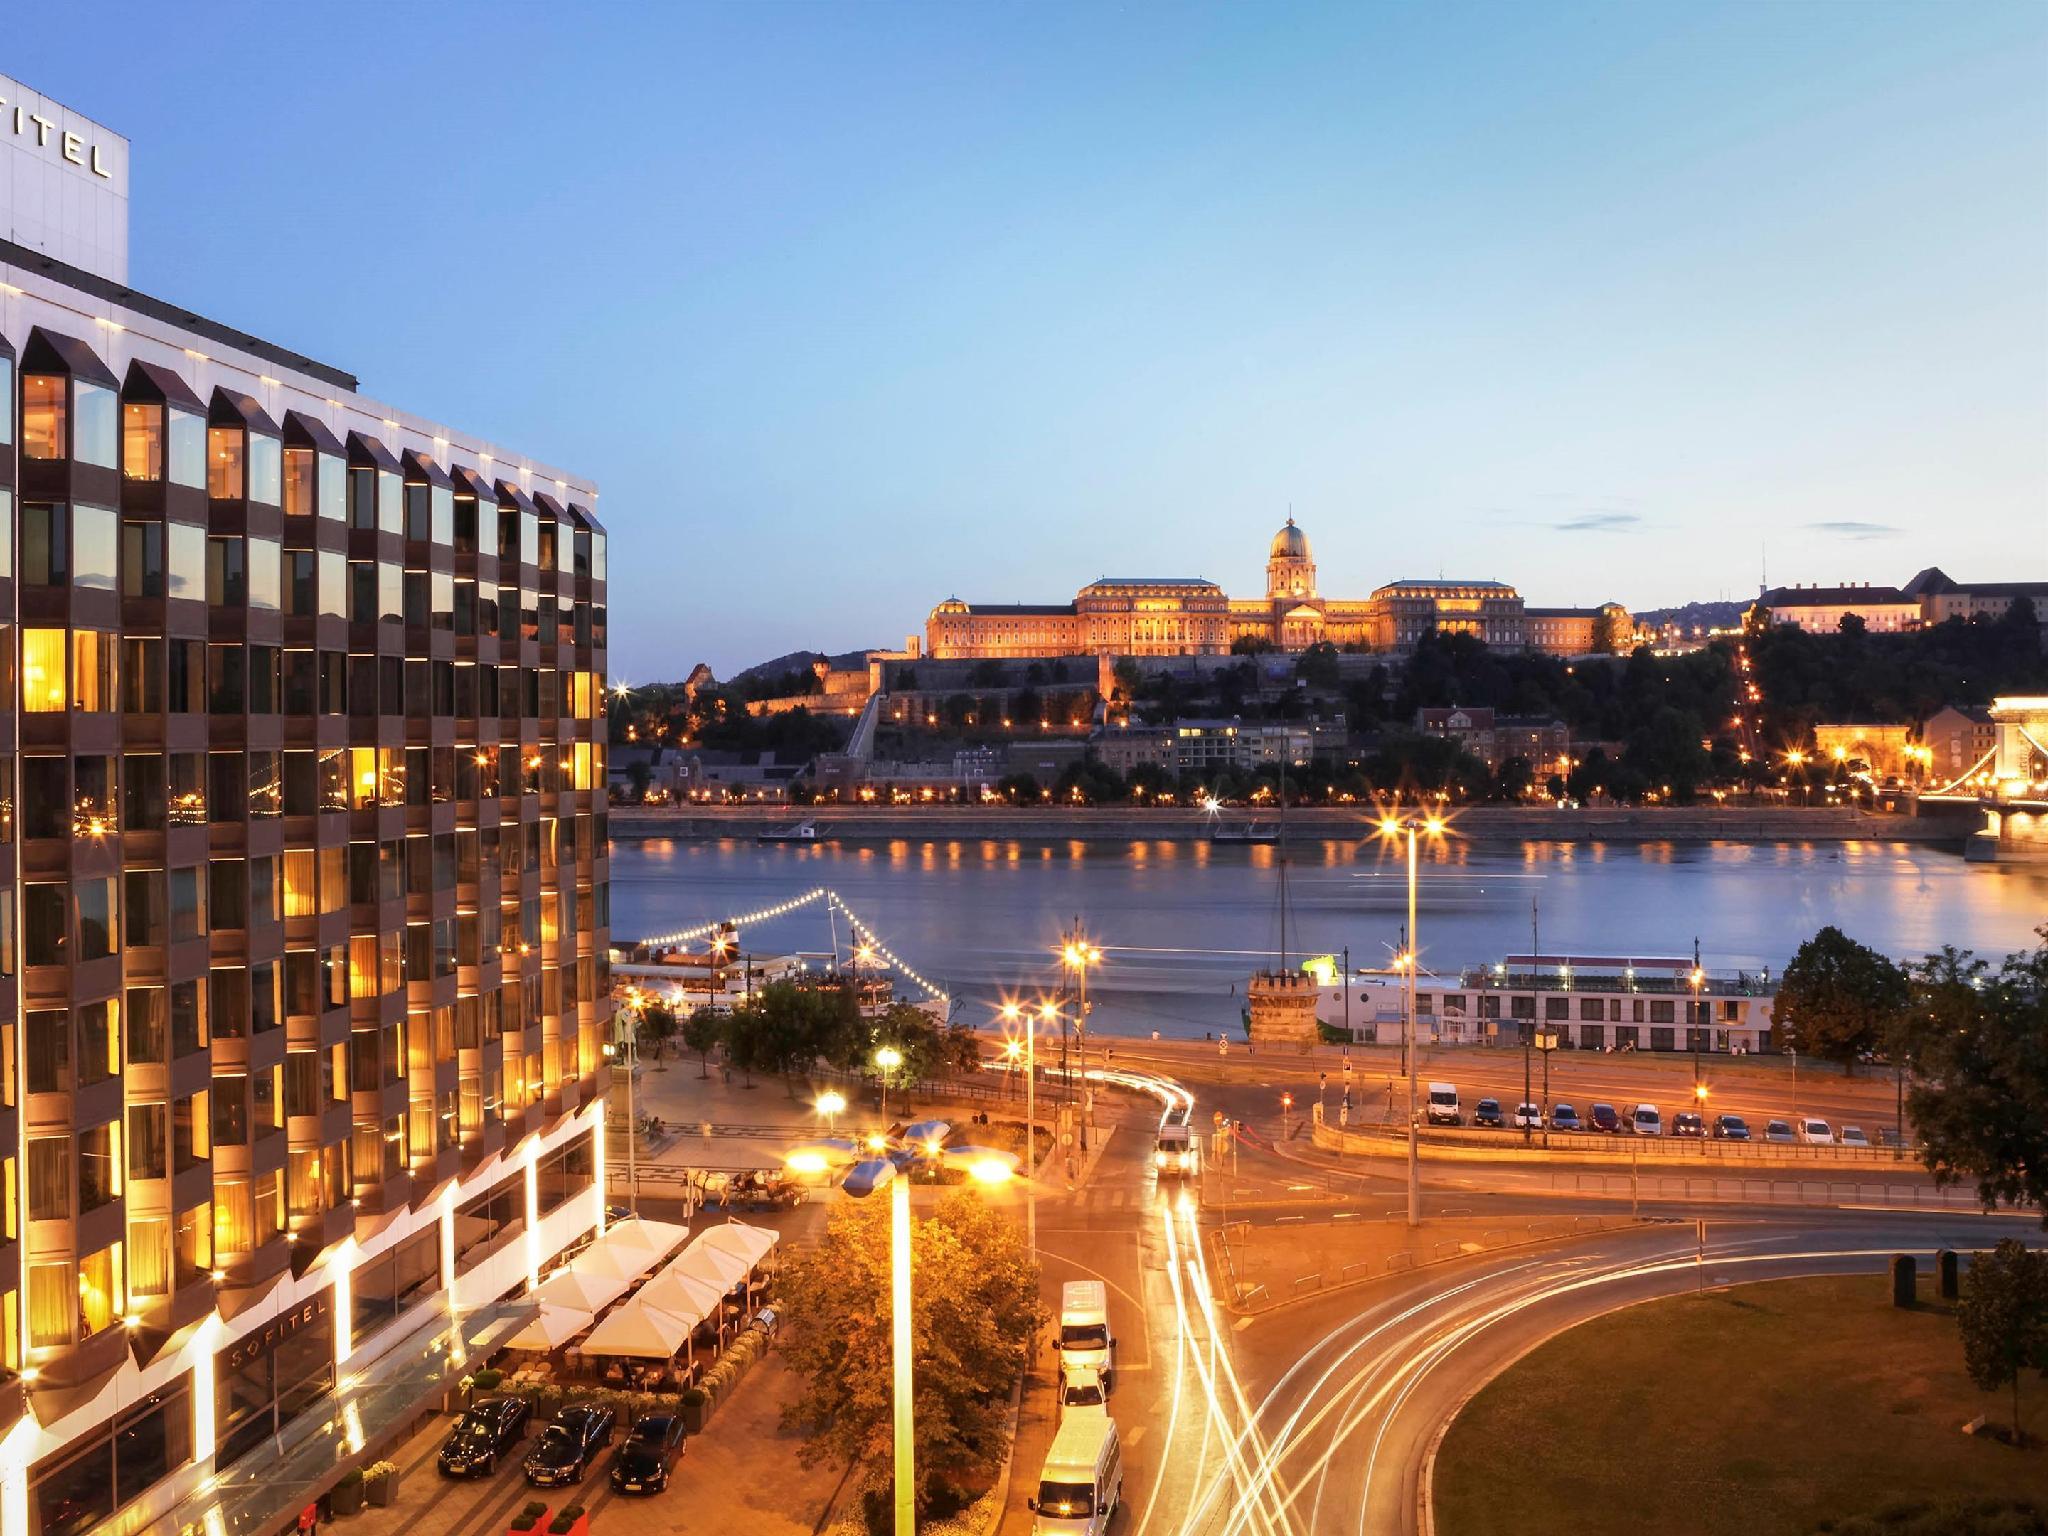 Sofitel Budapest Hotel